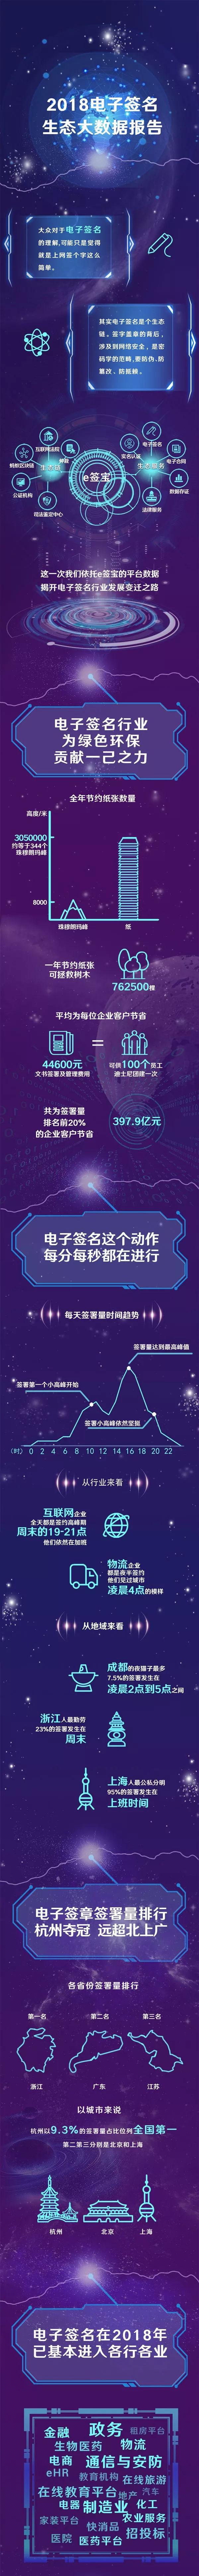 浙江人最勤劳、上海人最公私分明的特点,在这件事上被暴露了